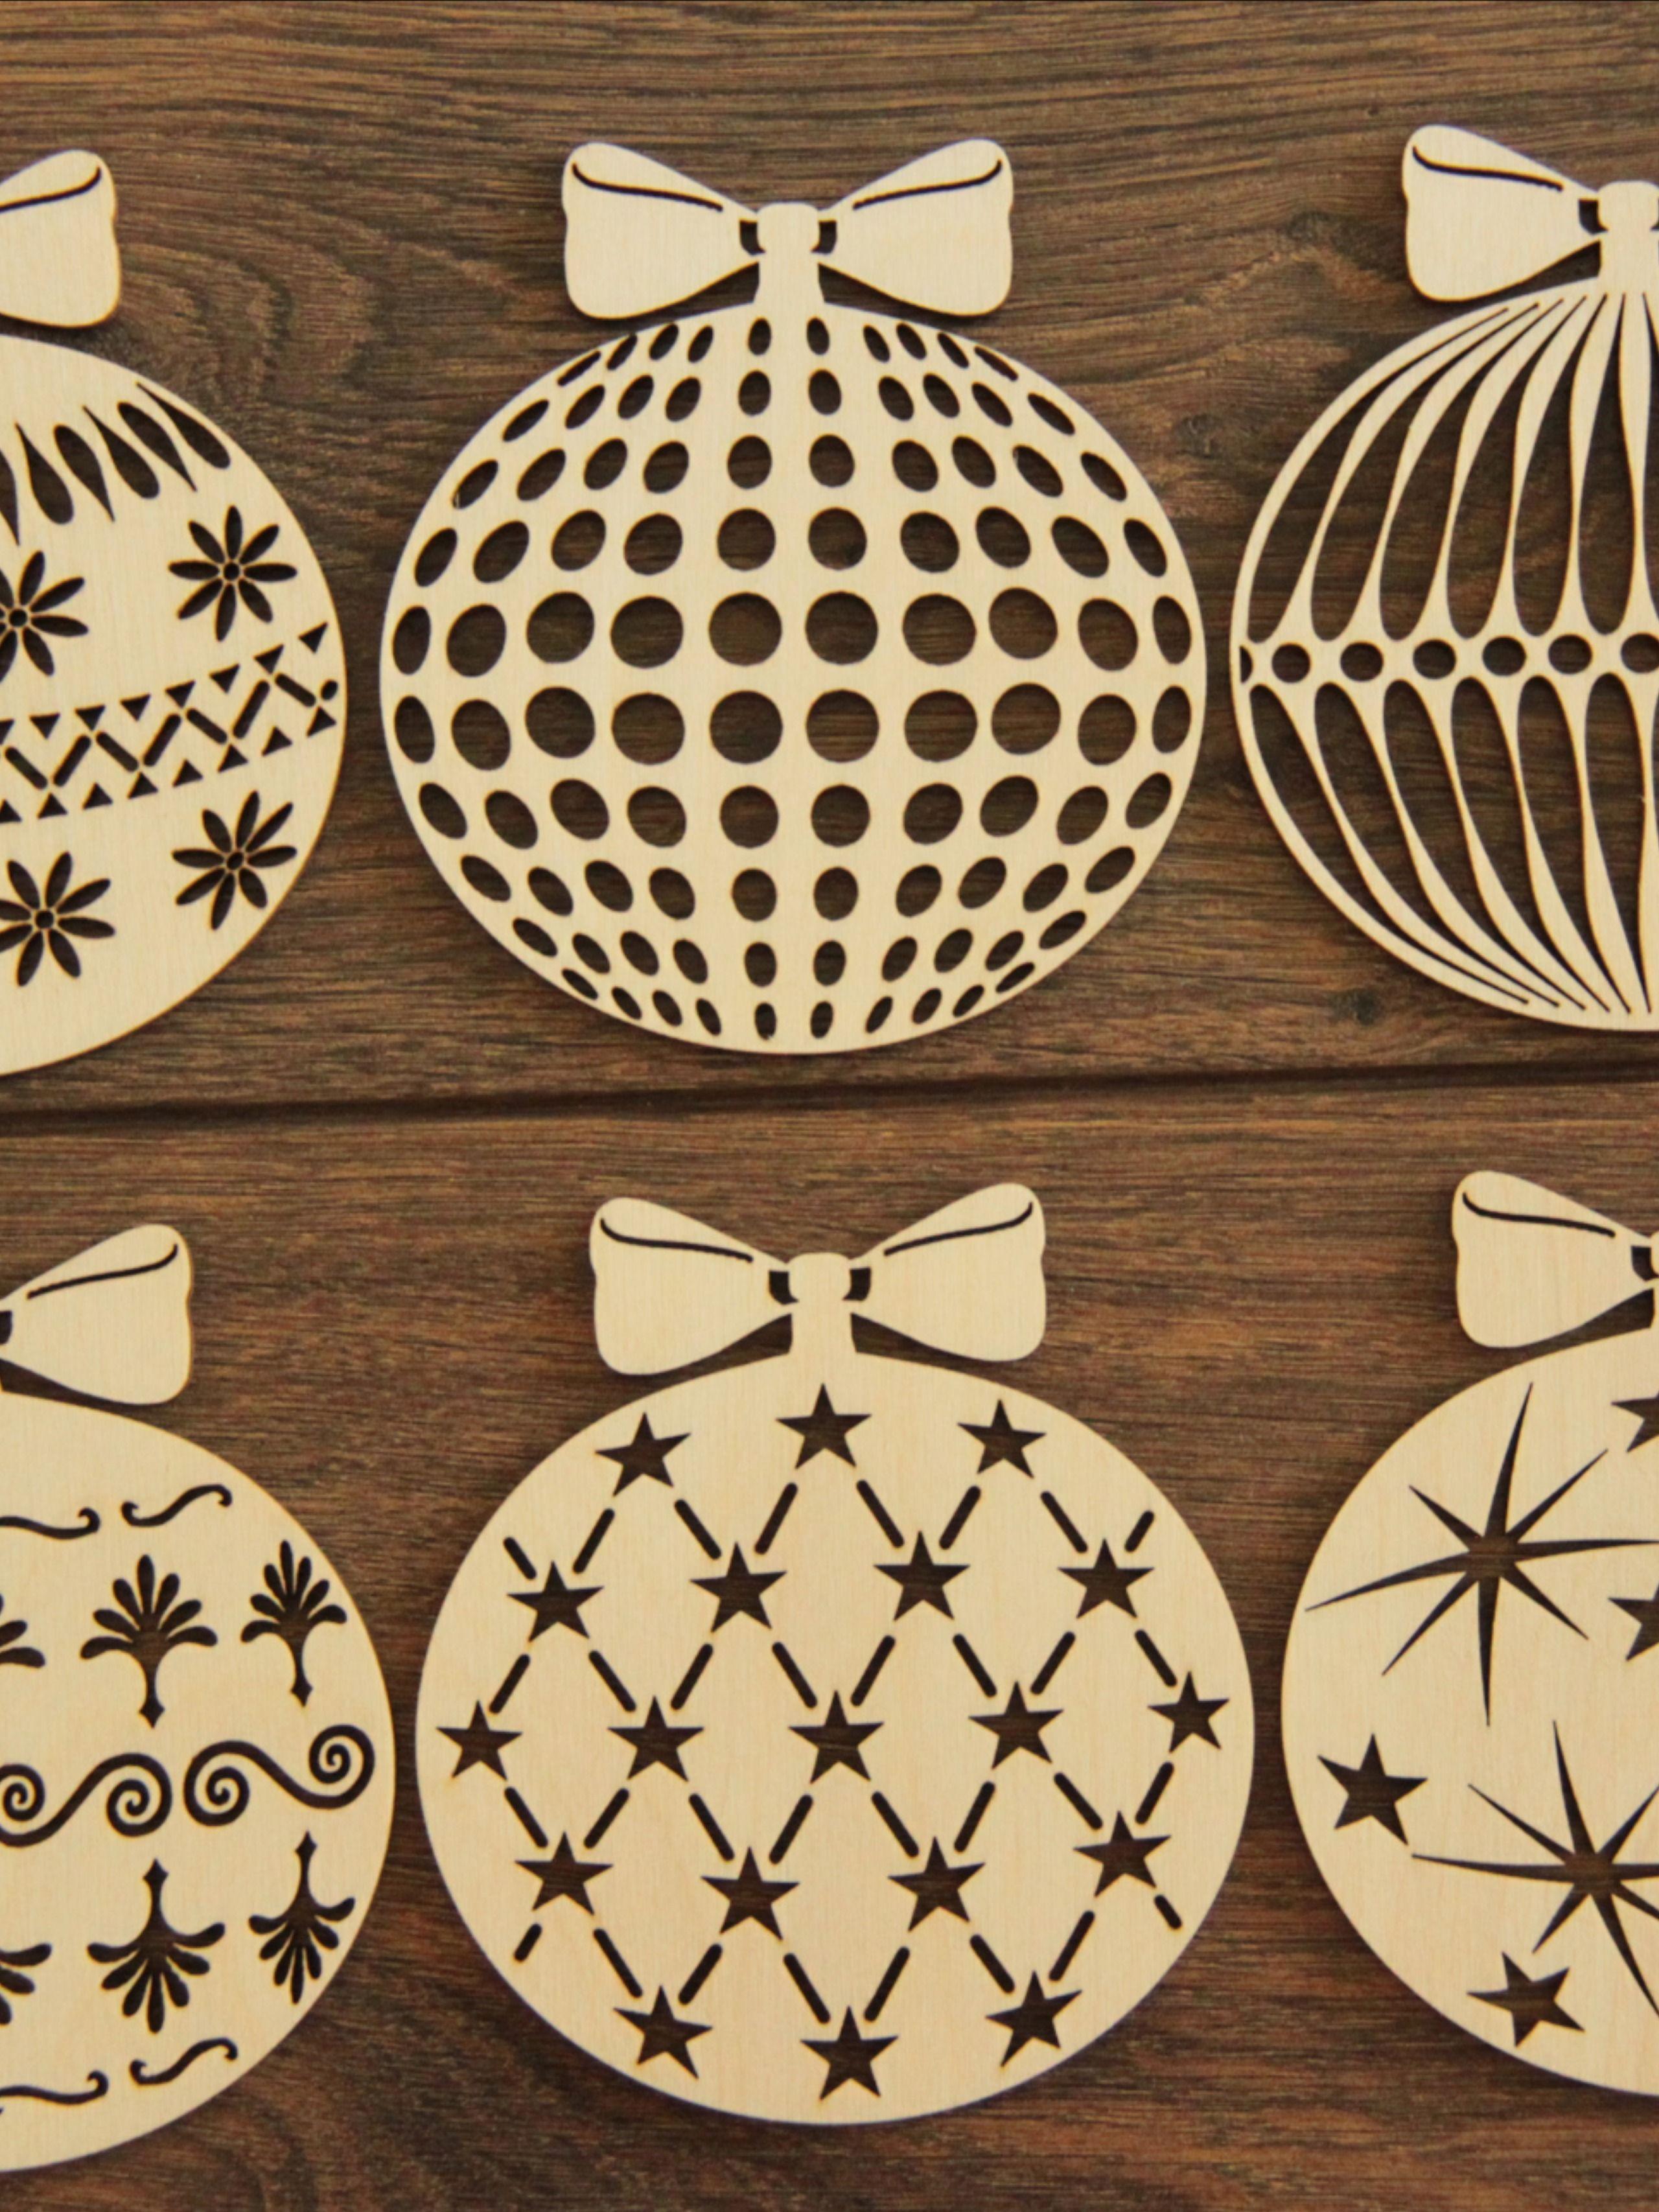 Drewniane Bombki Na Choinke Zestaw 6 Szt Na Swieta Christmas Wood